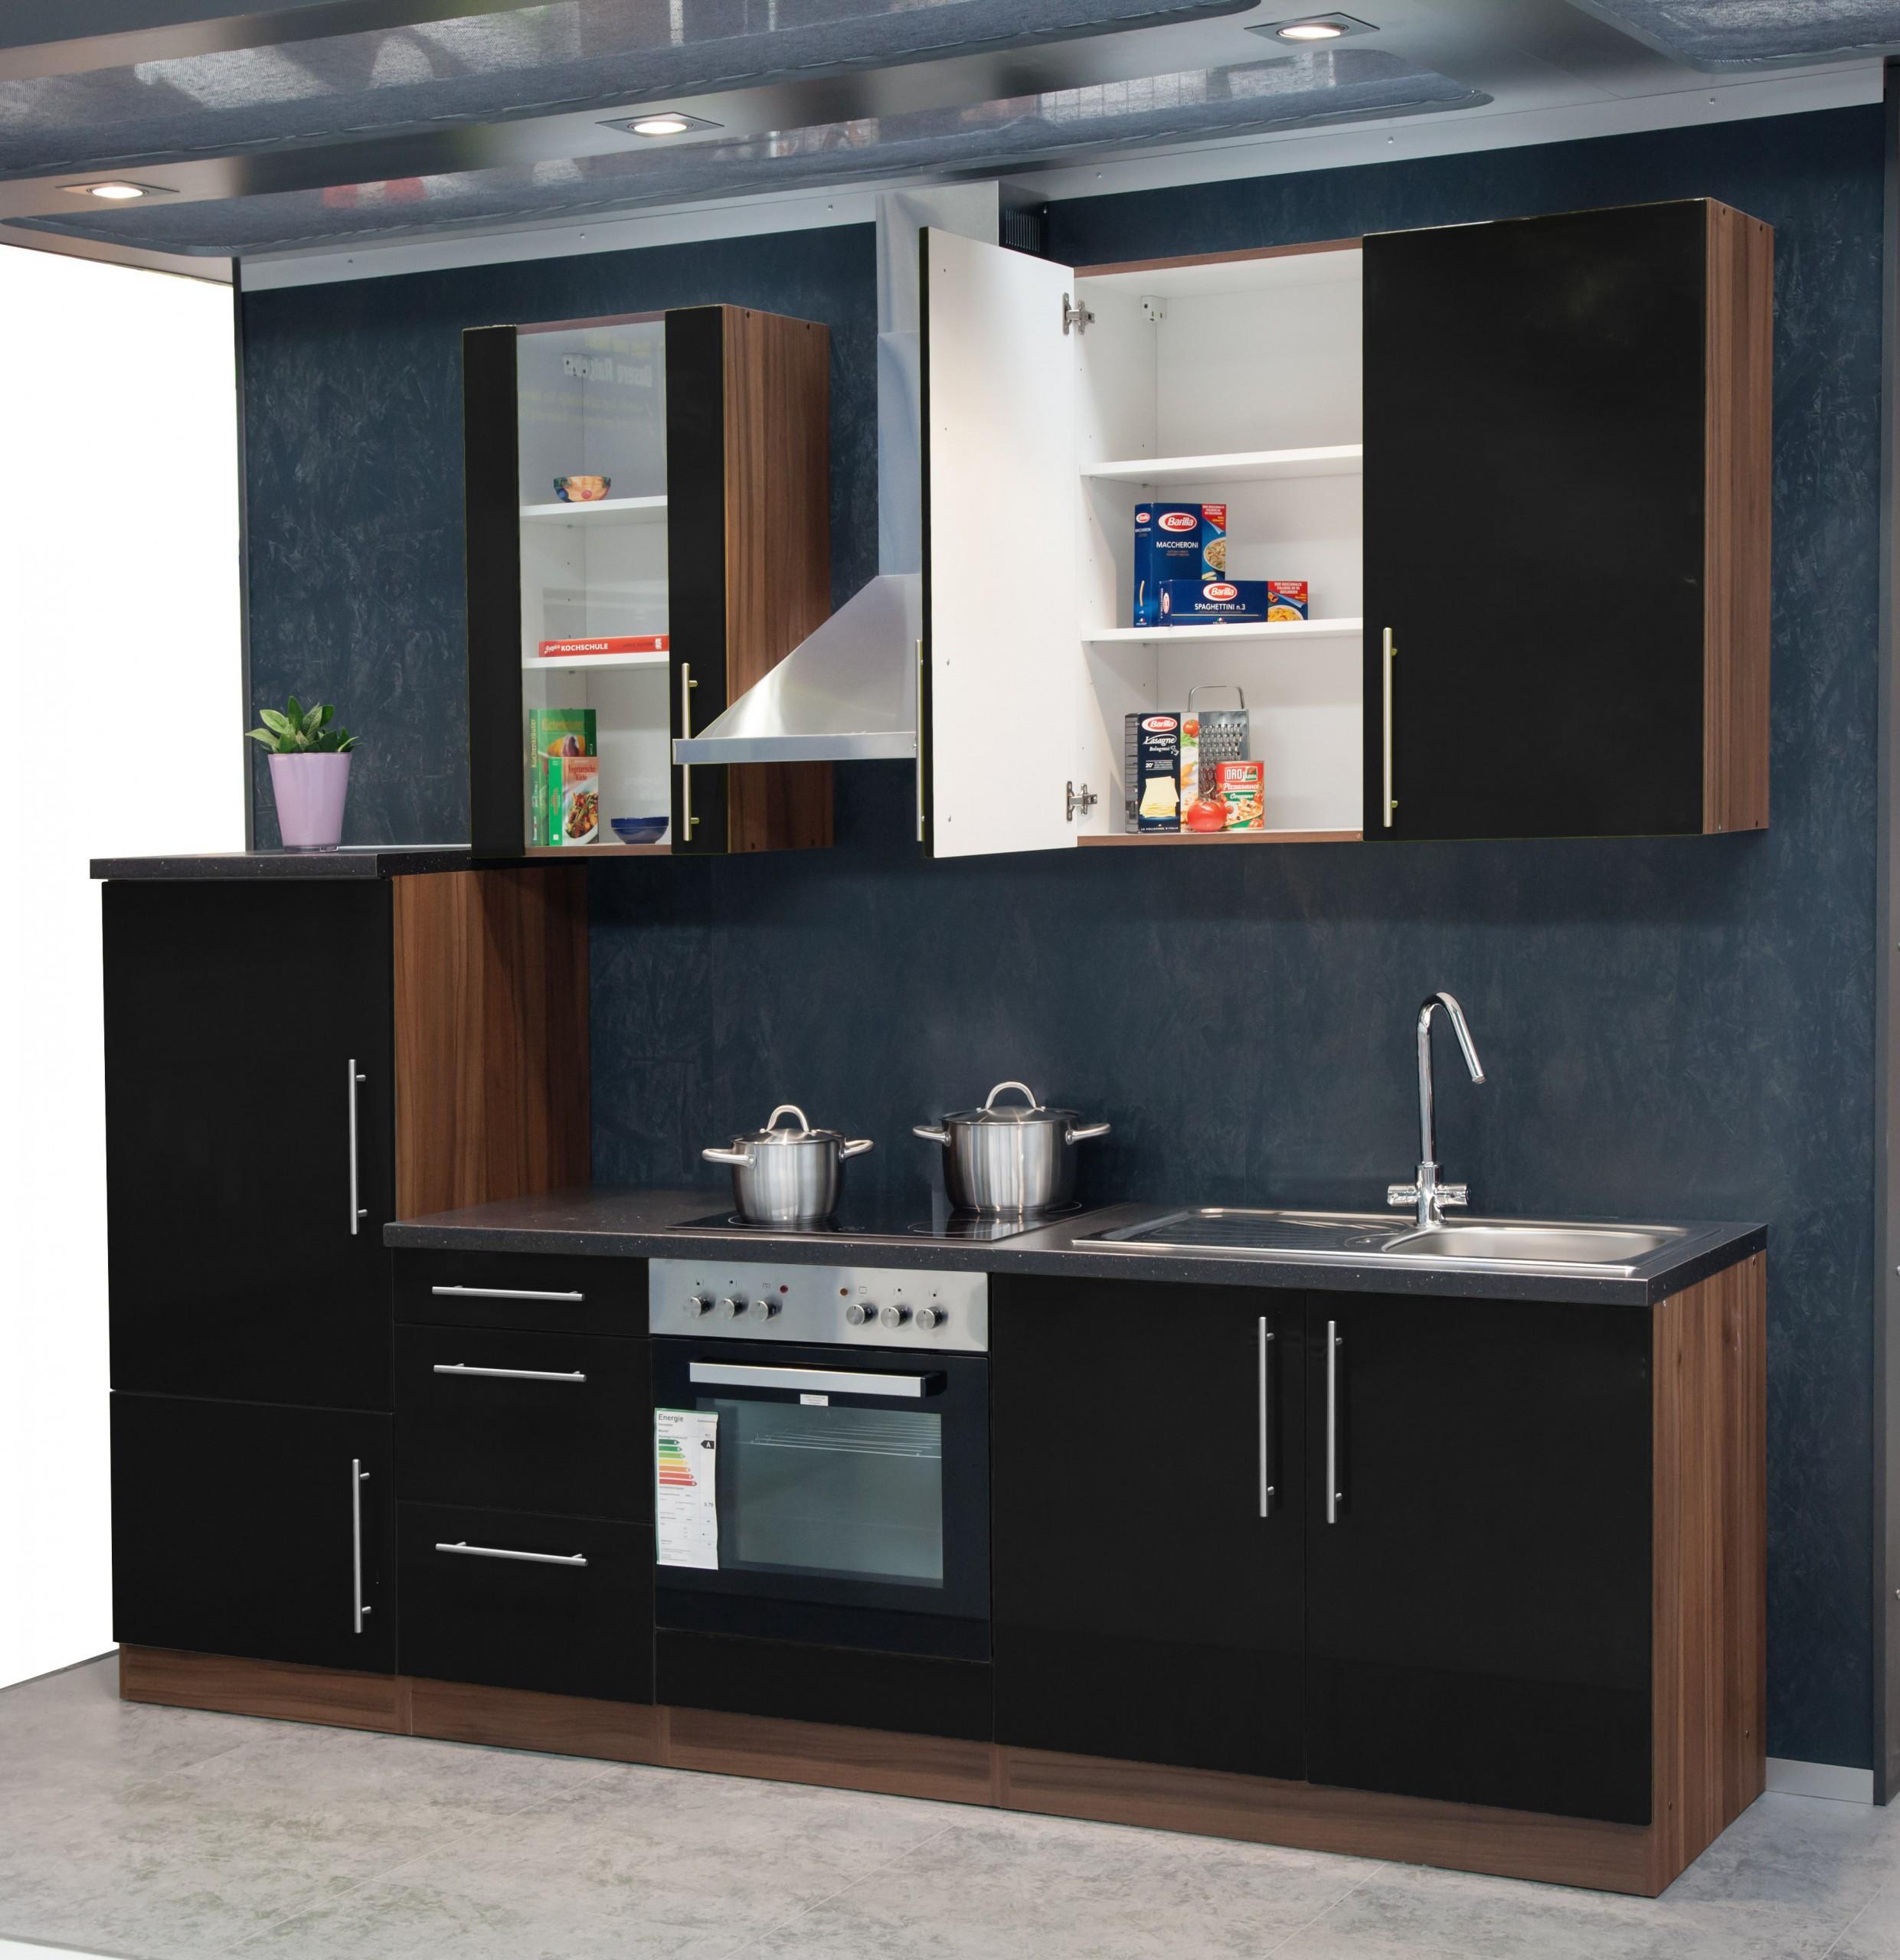 k chenzeile 270 cm mebasa hochglanzfronten in schwarz und. Black Bedroom Furniture Sets. Home Design Ideas